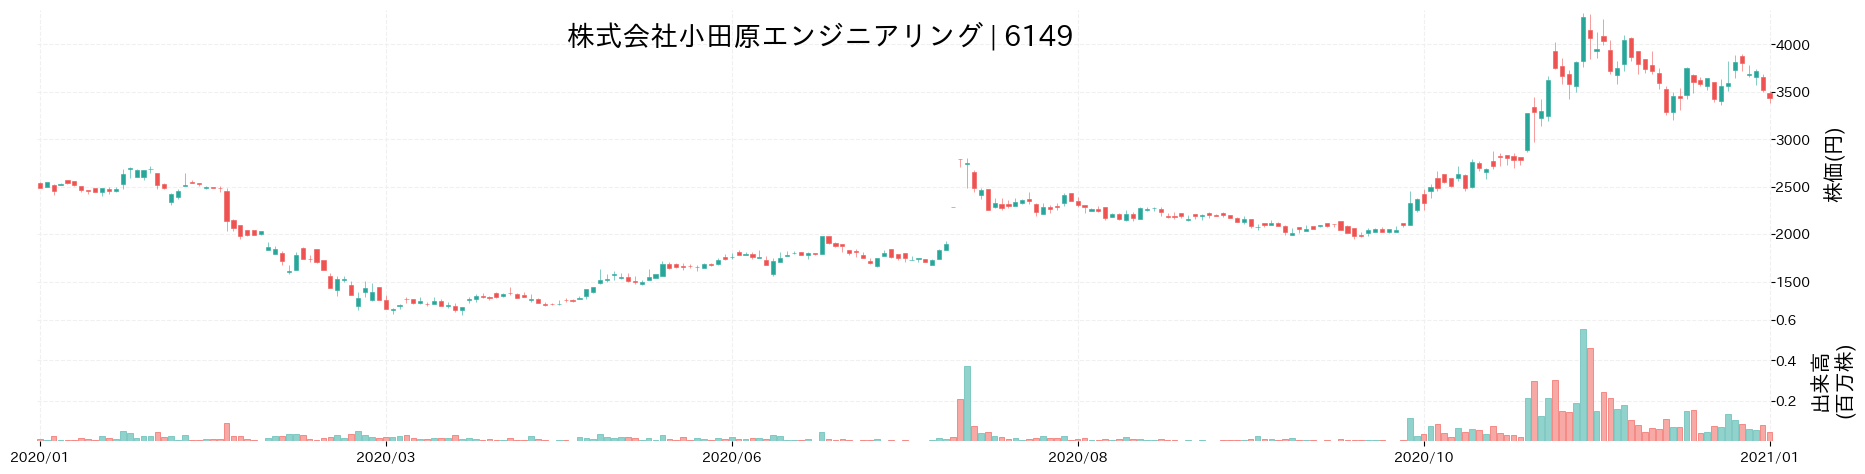 株式会社小田原エンジニアリングの株価推移(2020)